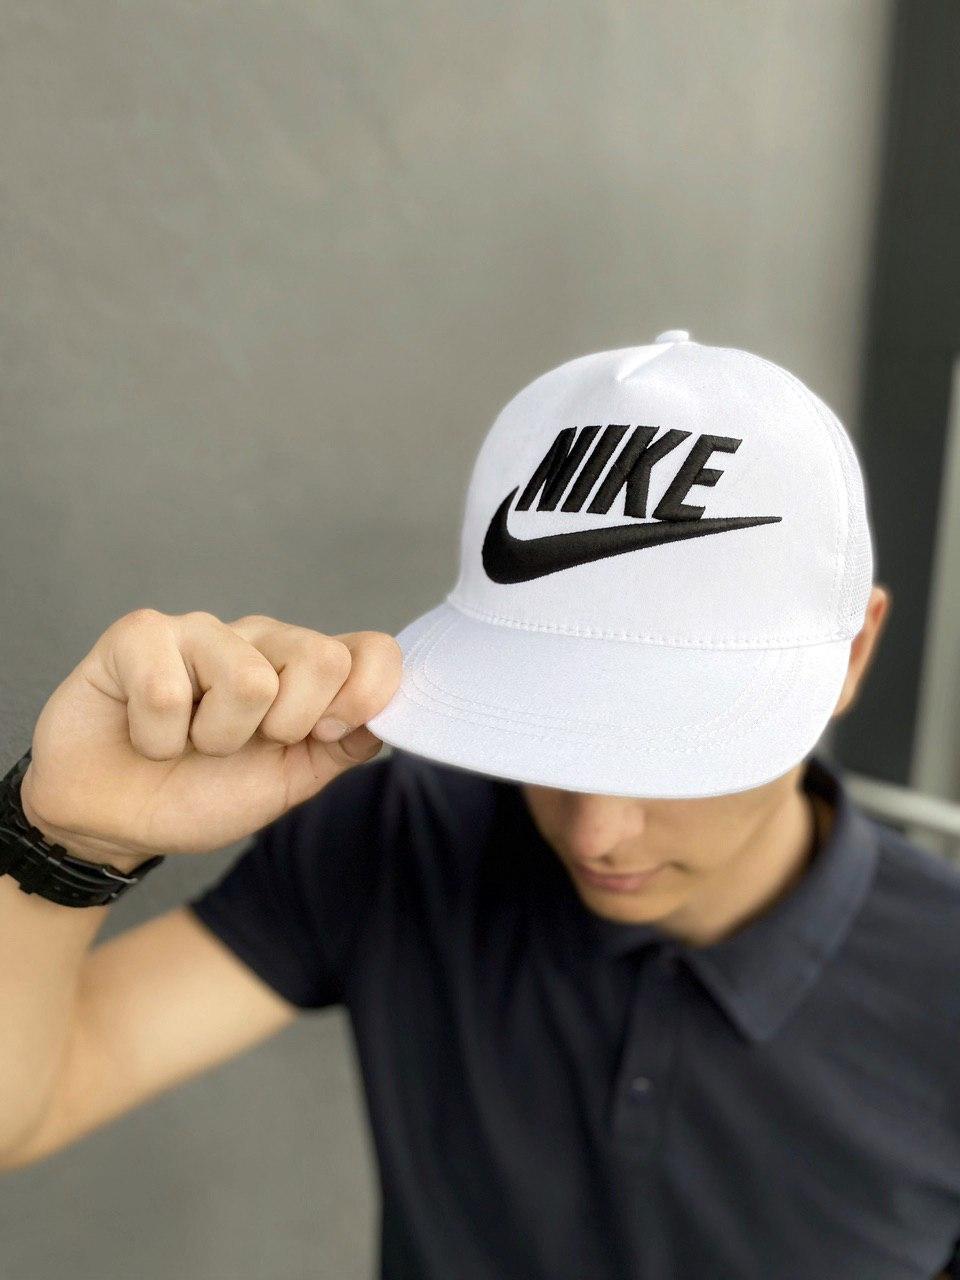 Кепка Nike чоловіча | жіноча найк біла big black logo